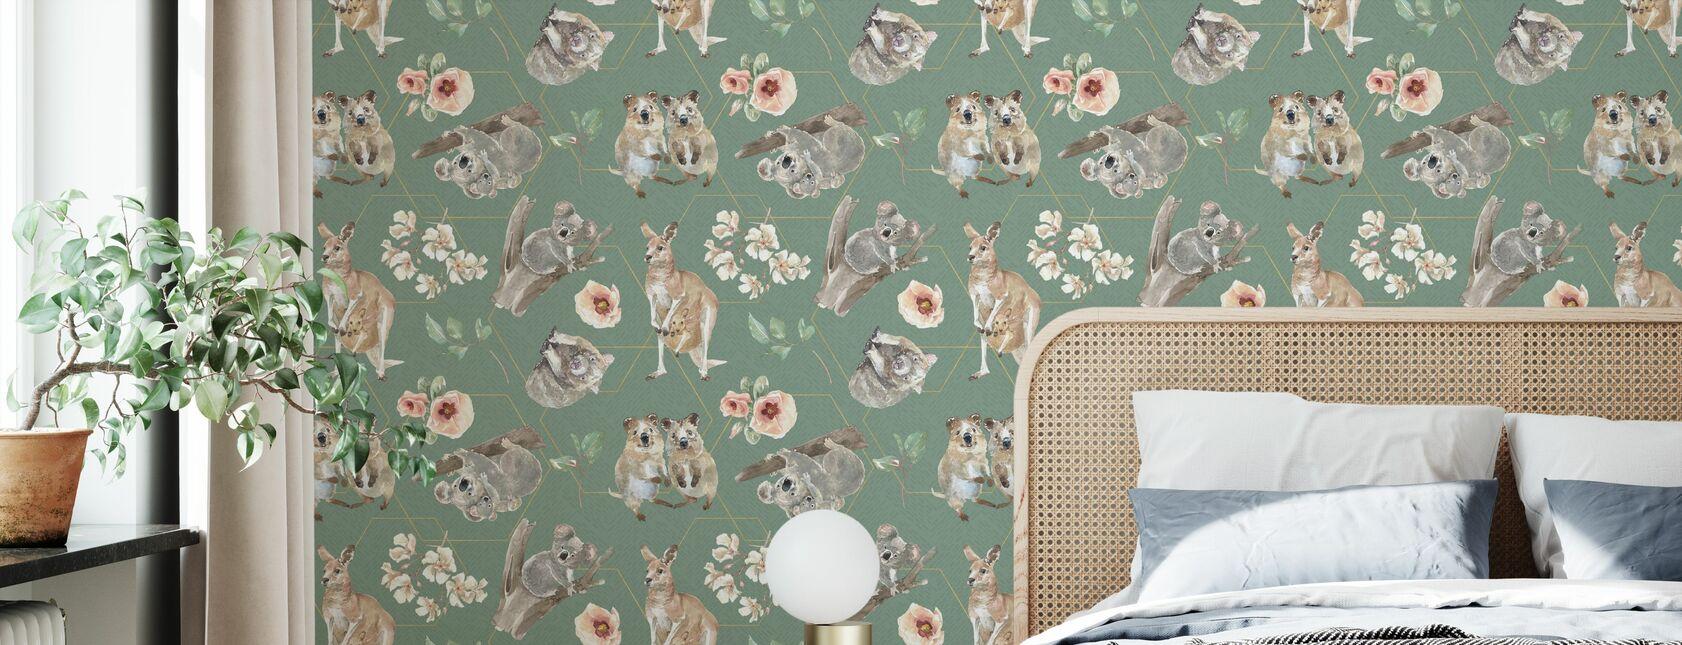 Aussie Liefde Patroon III - Behang - Slaapkamer